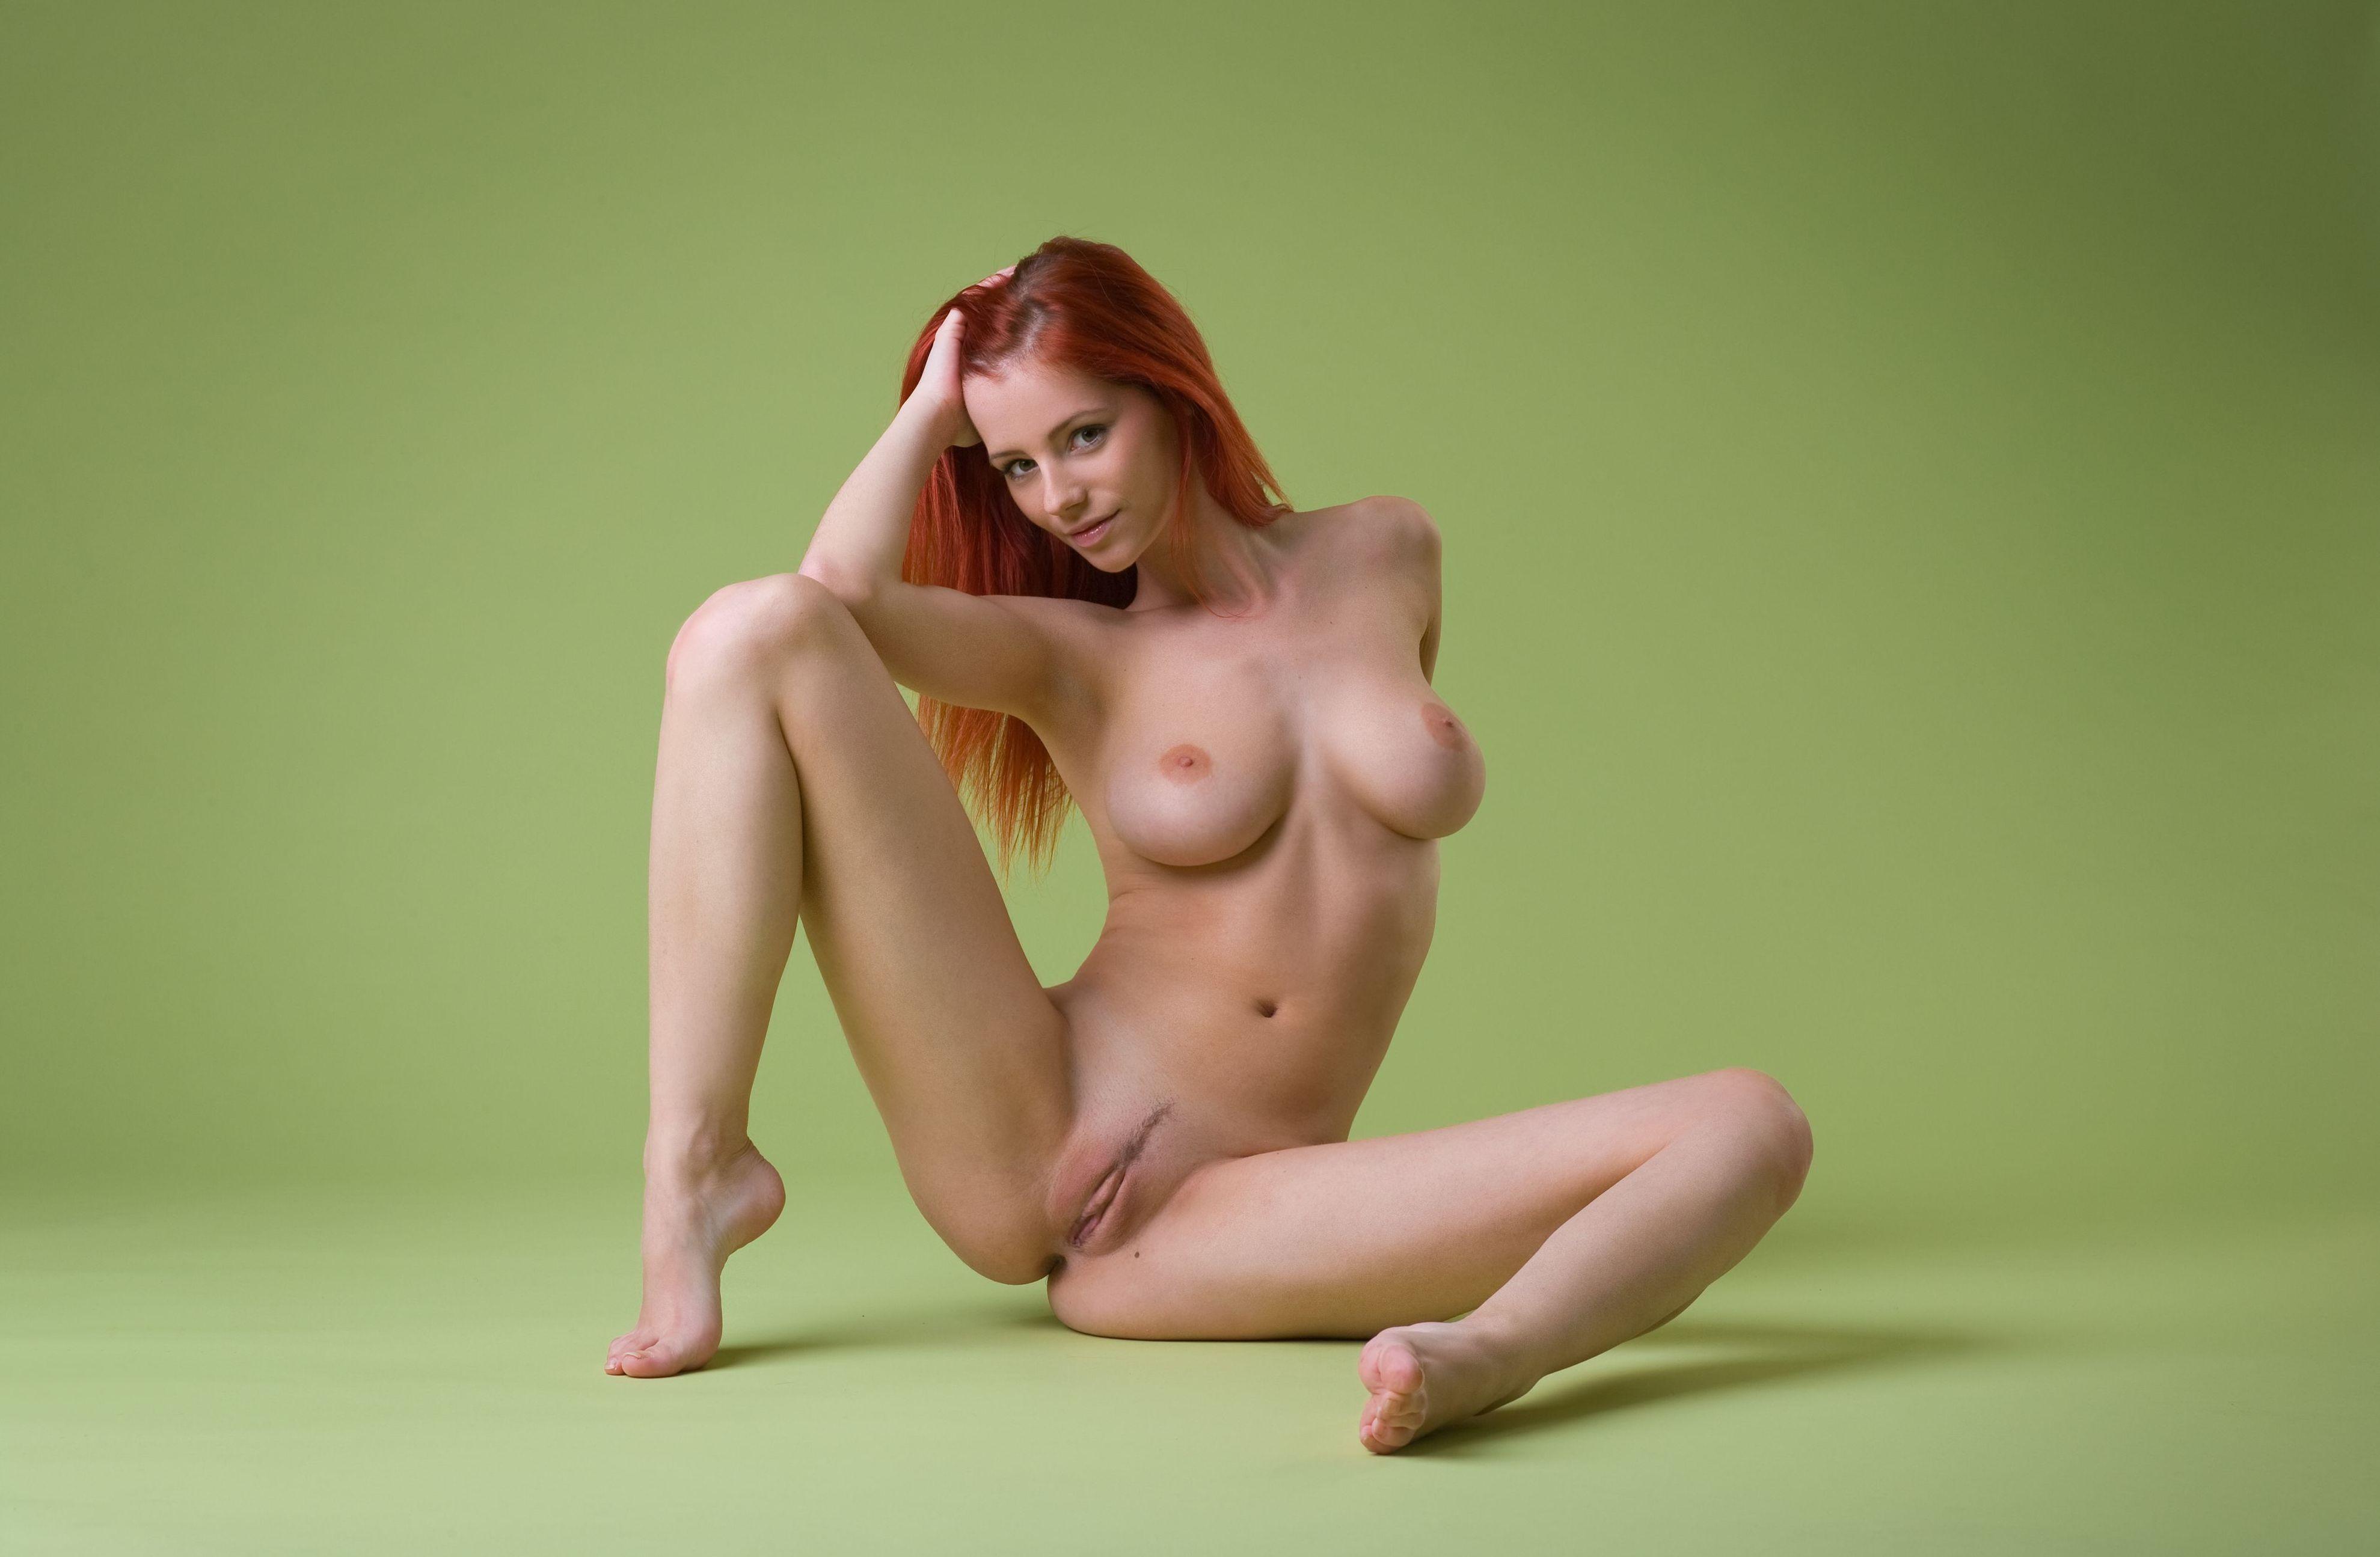 девушки голой порно фотосет